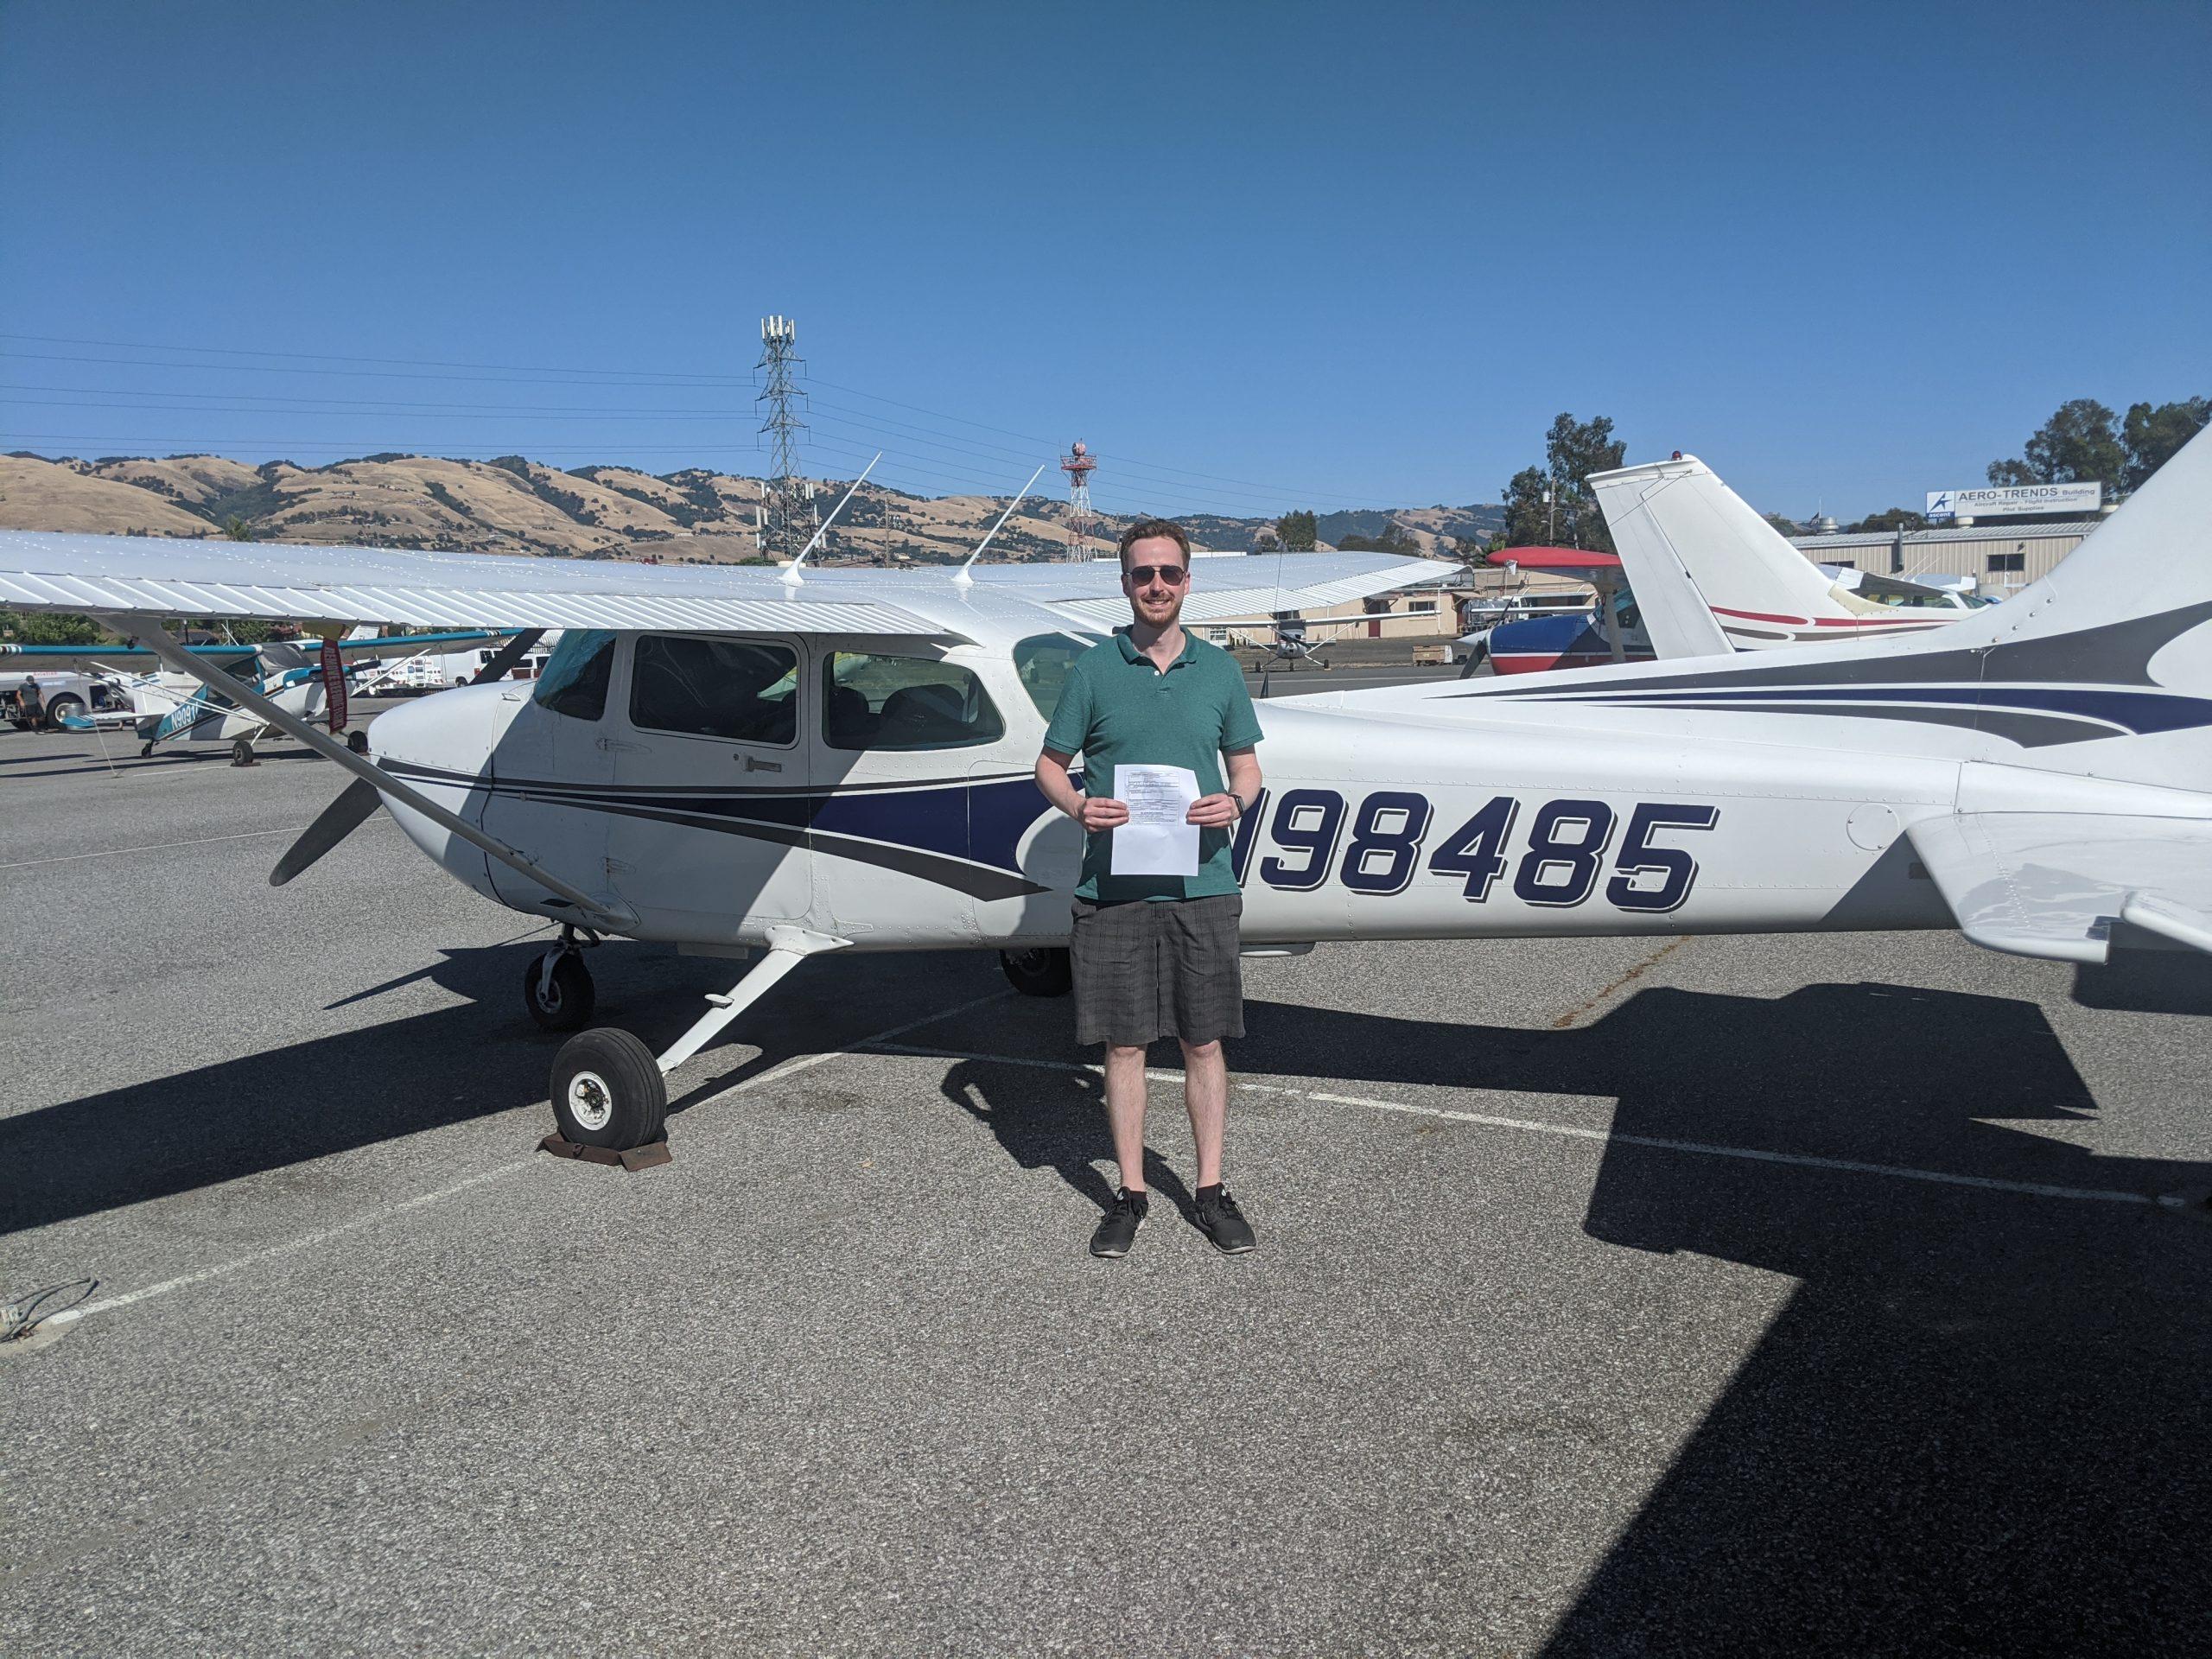 IFR, instrument rating, flight training